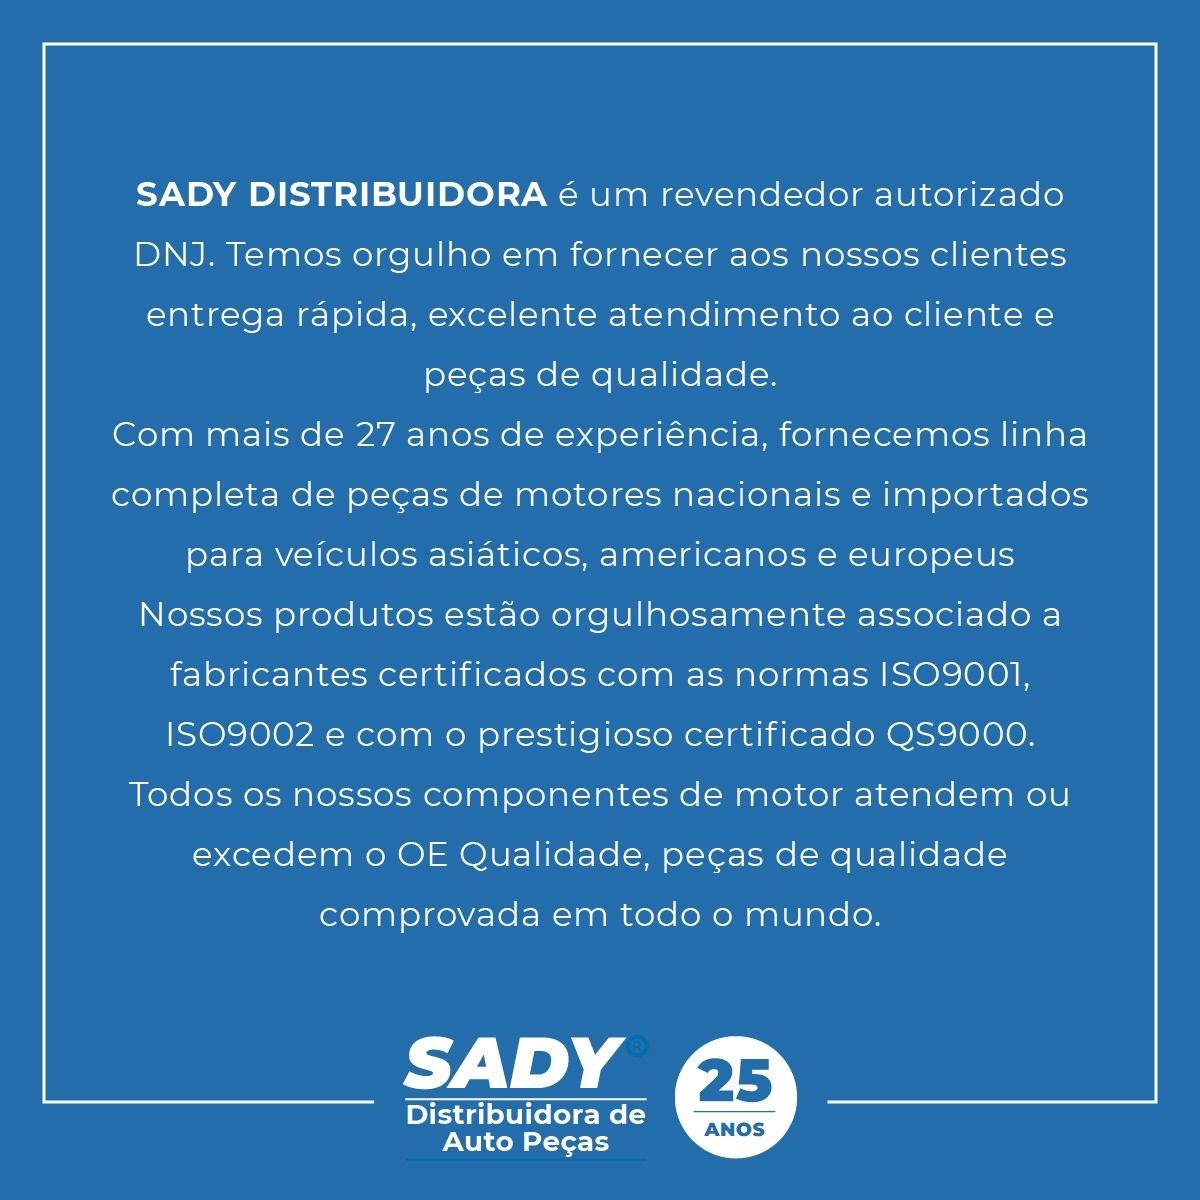 BOMBA DE OLEO DO MOTOR TOYOTA 2.0 16V 1AZFE